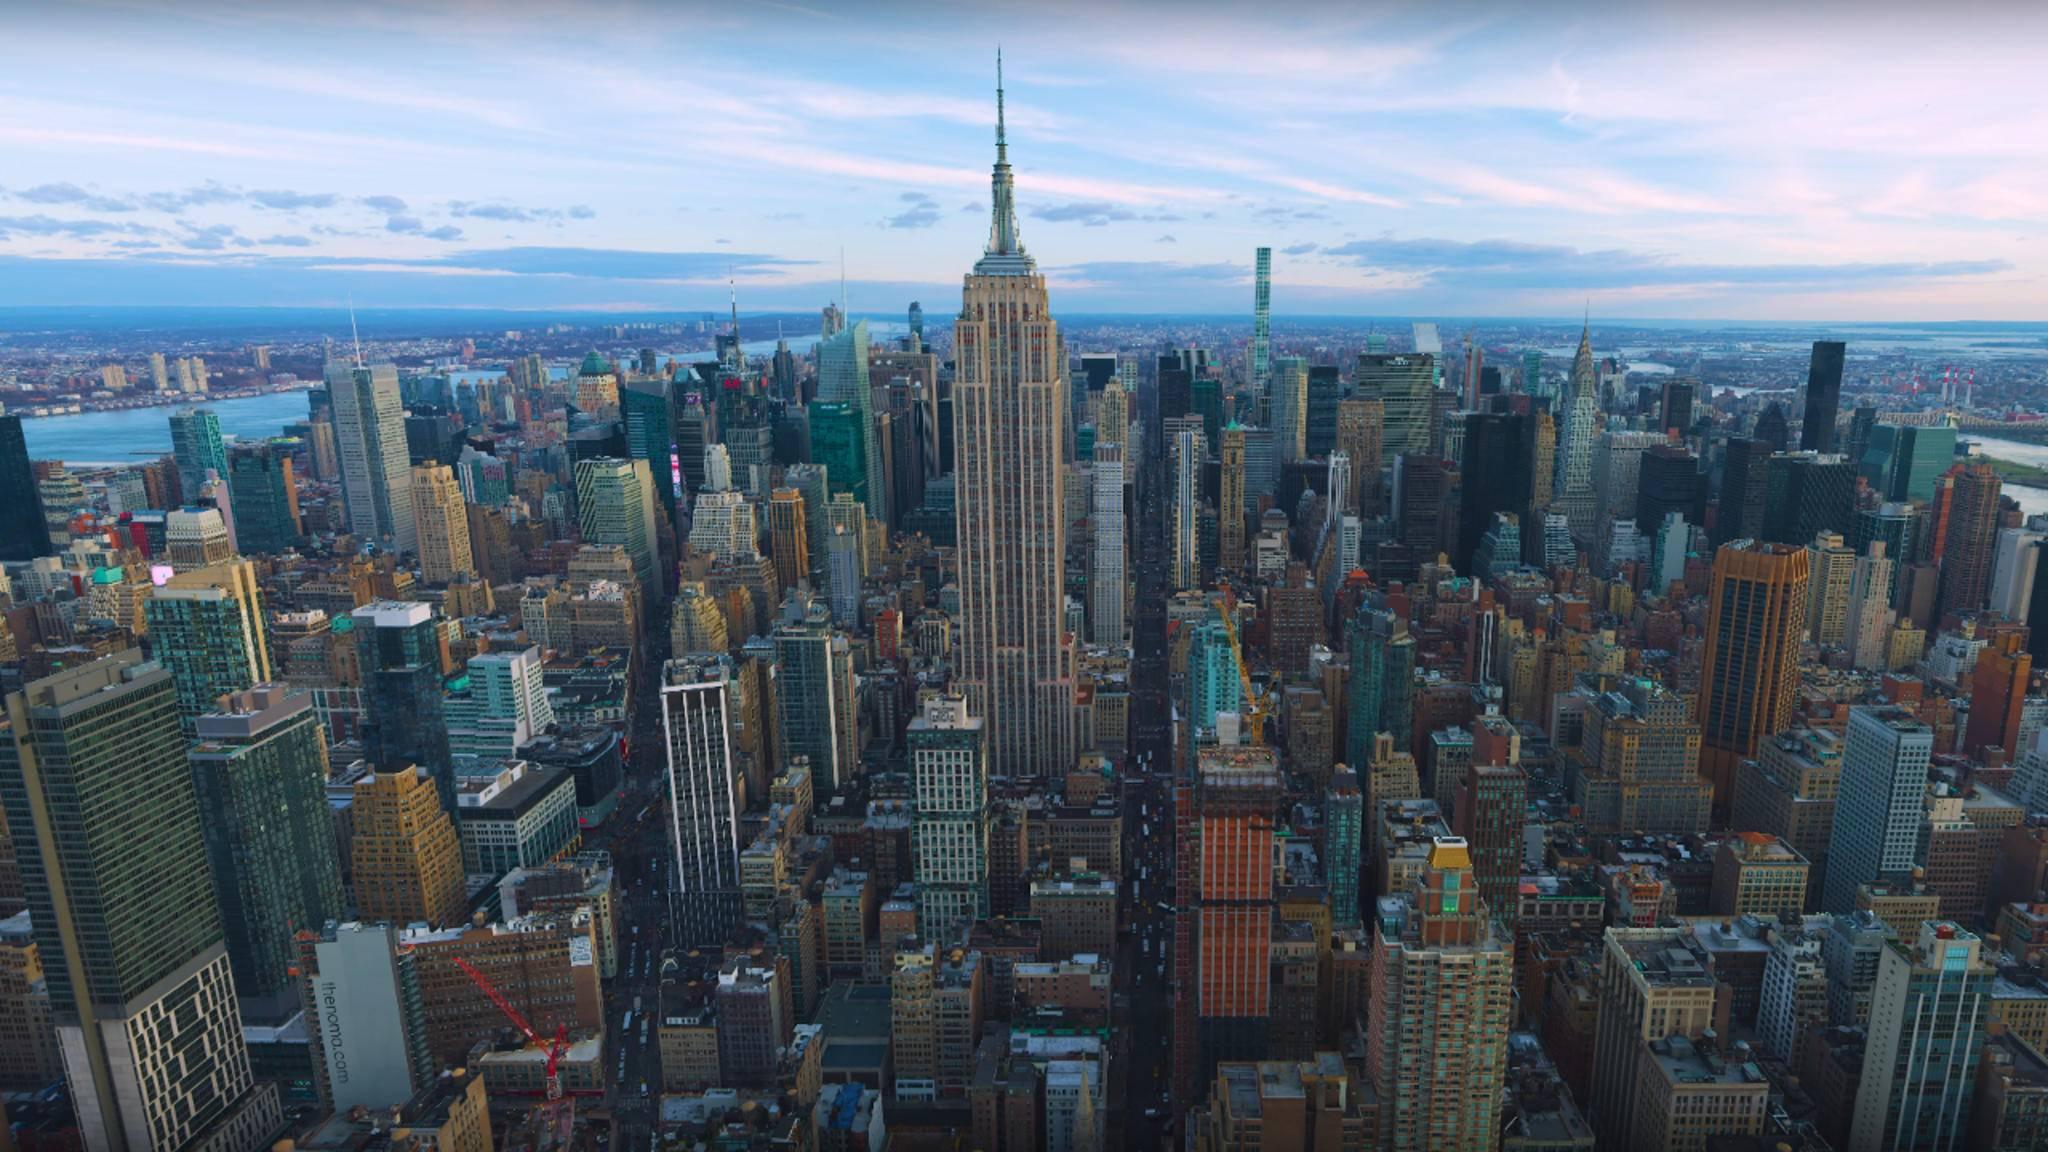 New York wird wohl immer Motive für Fotografen bieten.